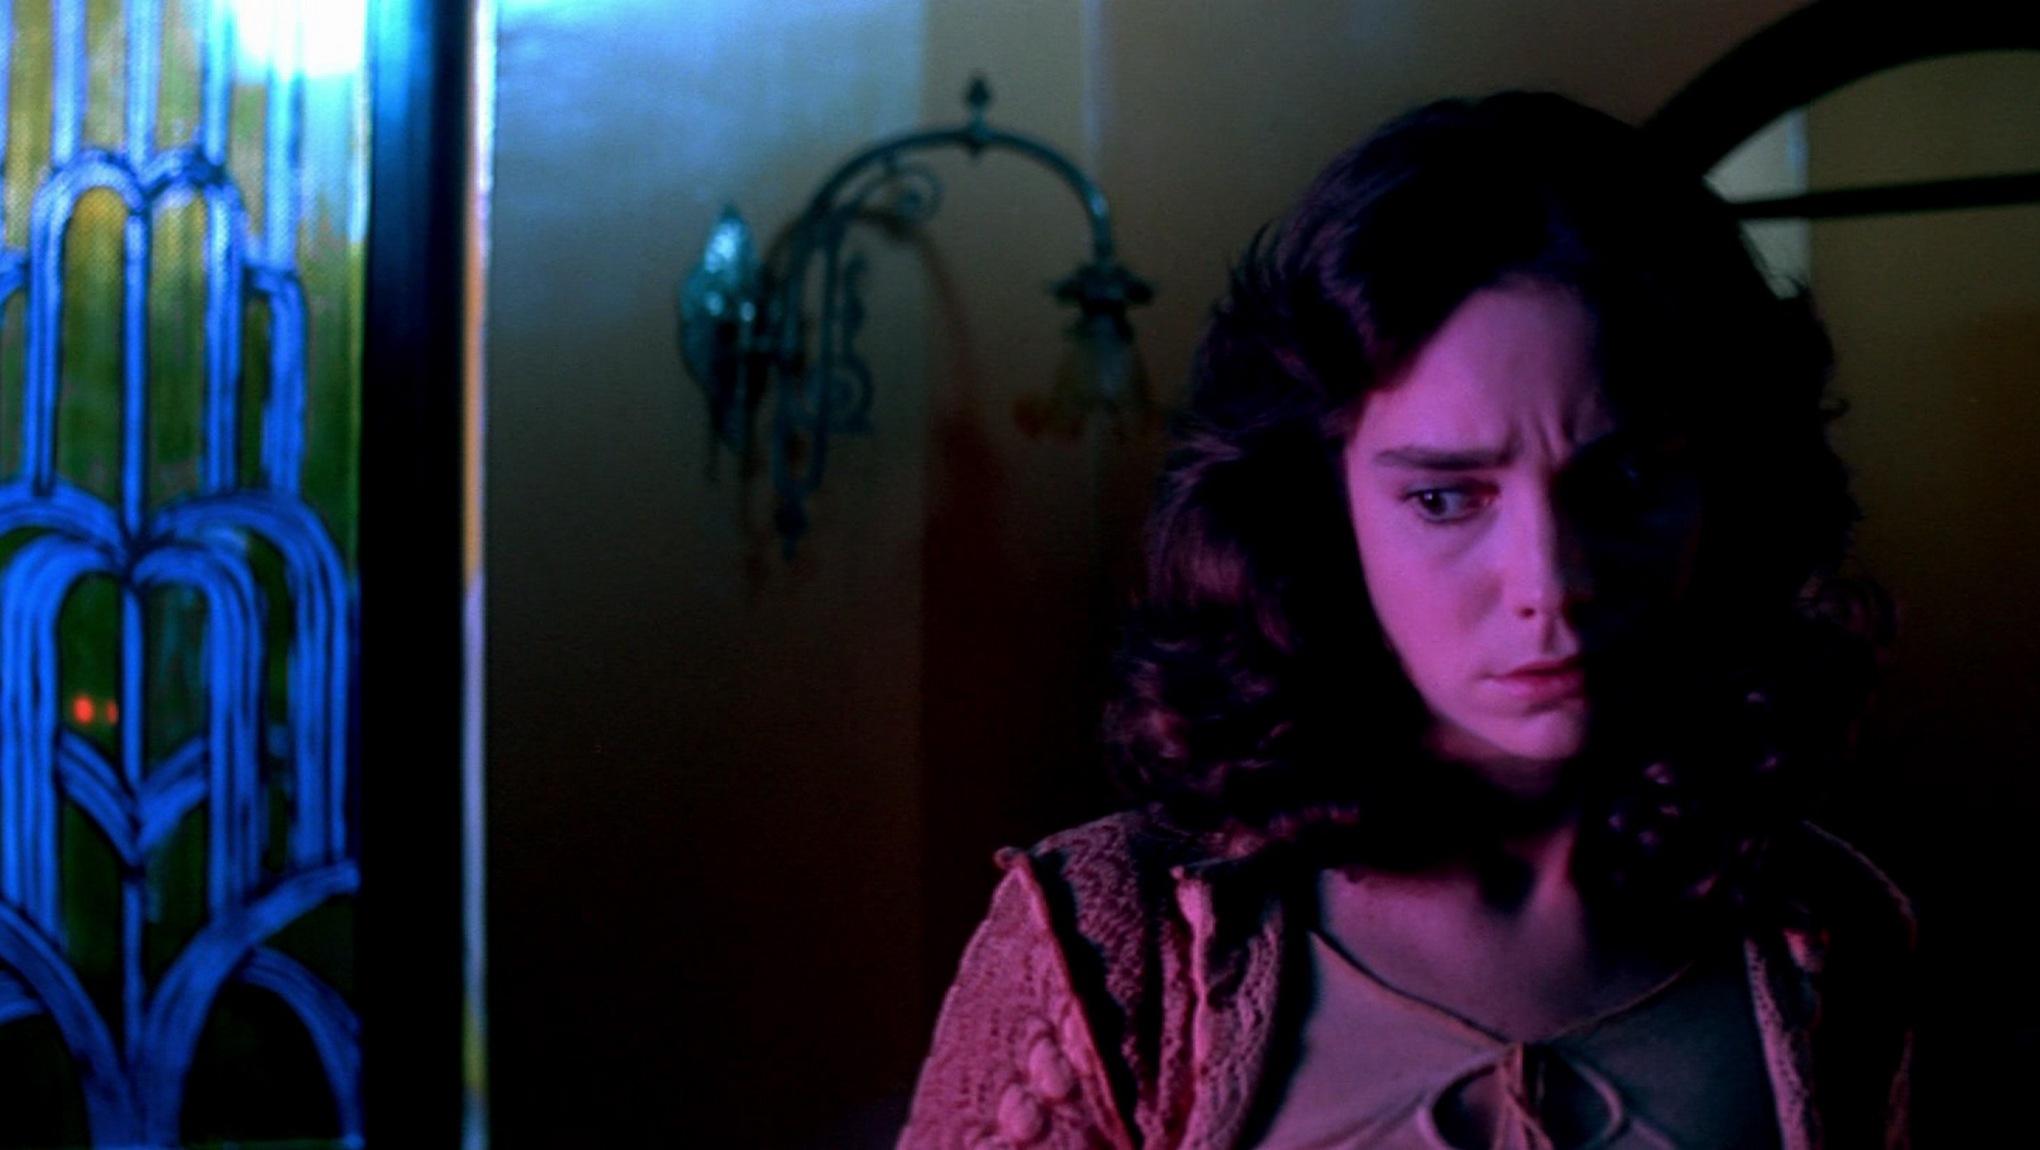 """Джессика Харпер в роли Сьюзи Бэннион в """"Суспирии"""" 1977 года"""